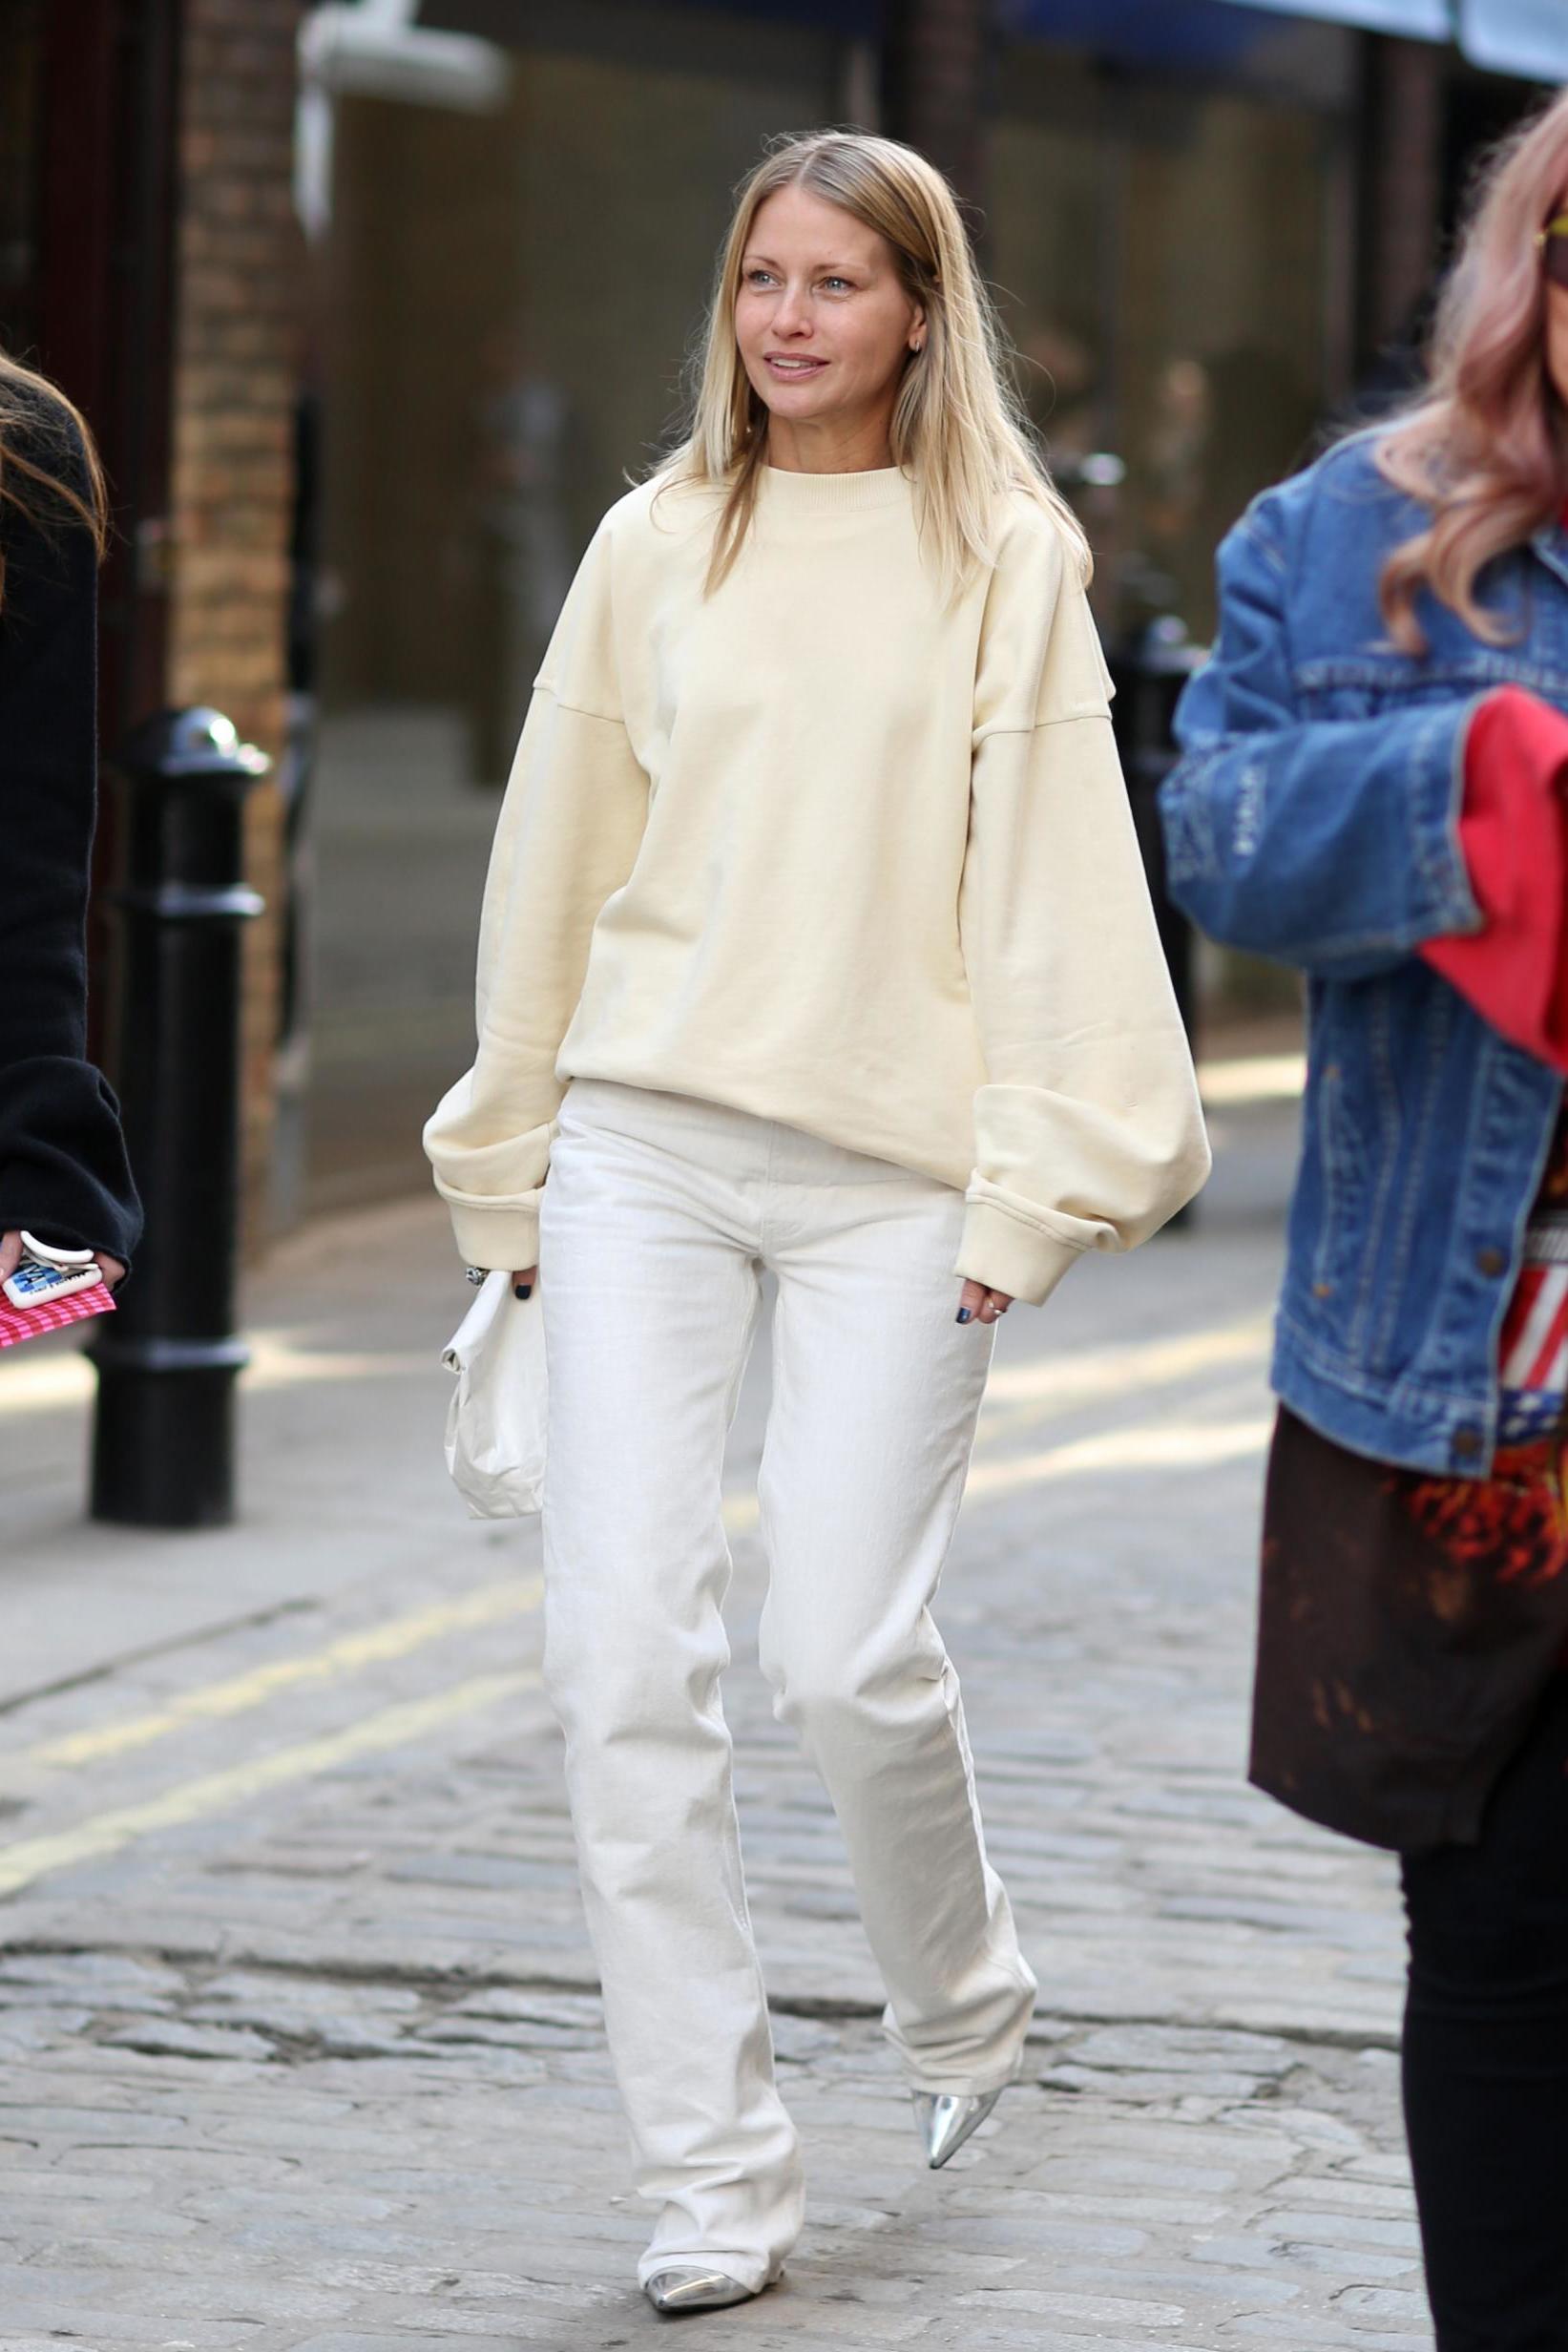 Λευκό Jean: Πώς να φορέσεις το αγαπημένο σου denim παντελόνι και τον χειμώνα